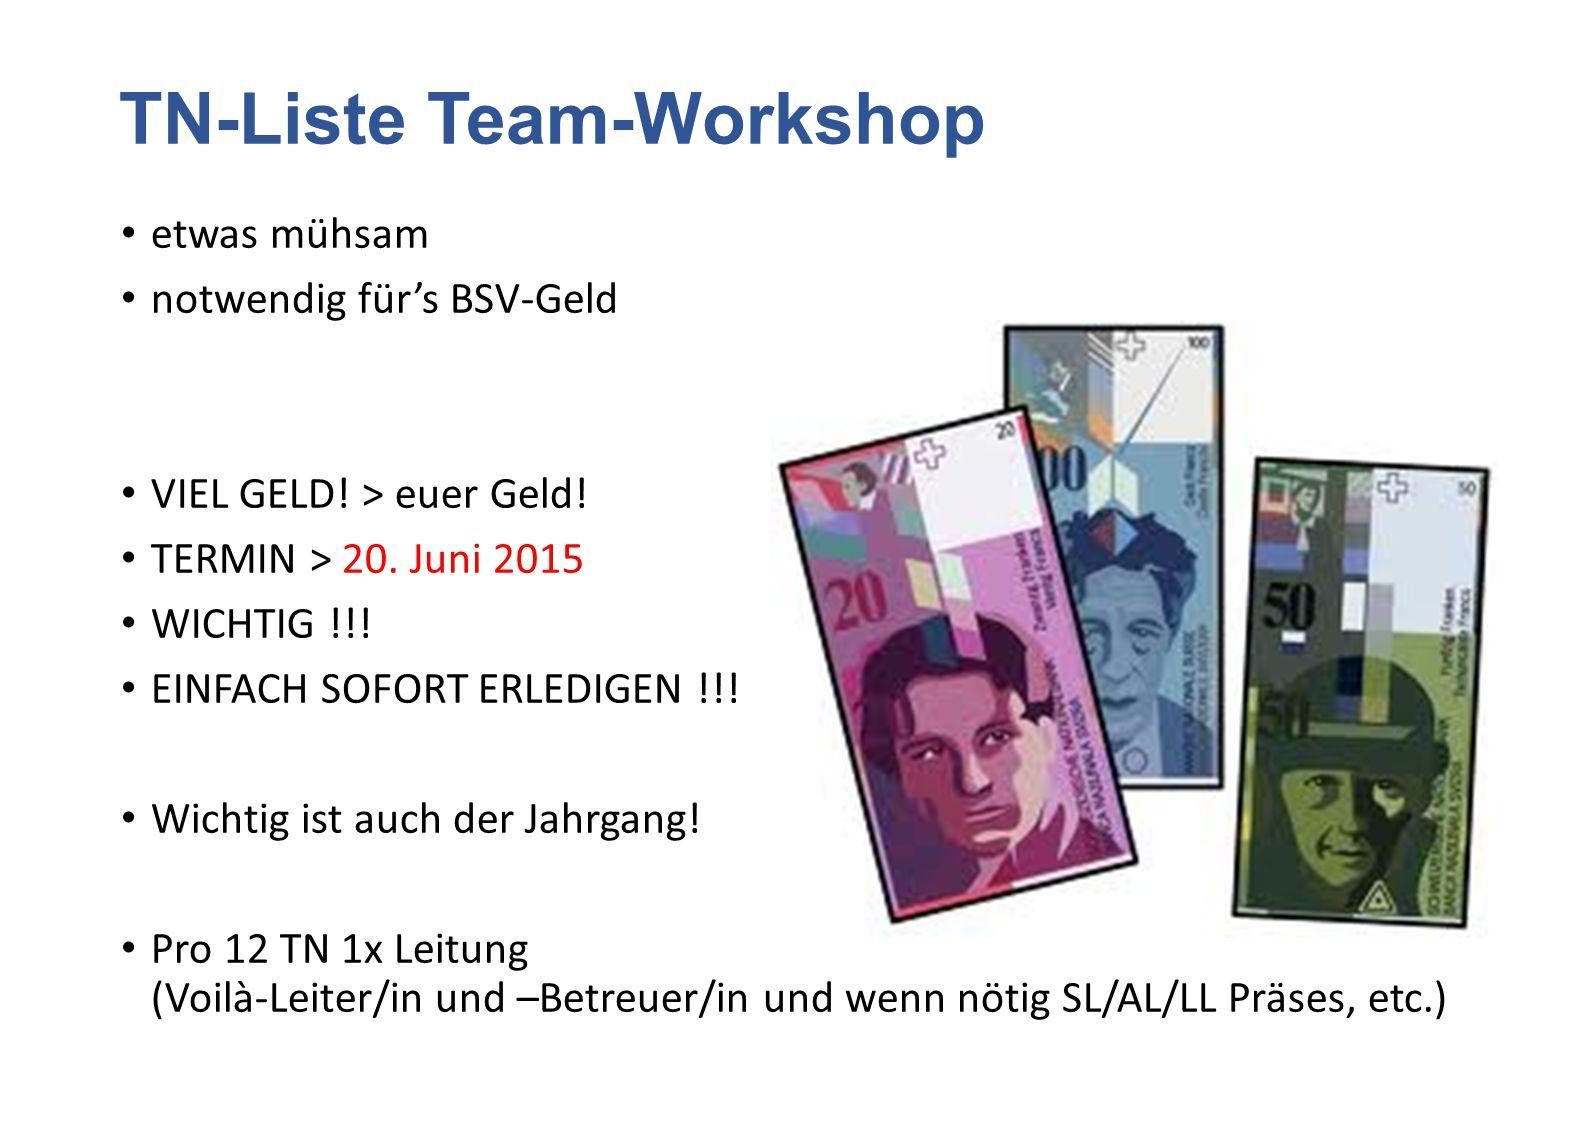 TN-Liste Team-Workshop etwas mühsam notwendig für's BSV-Geld VIEL GELD! > euer Geld! TERMIN > 20. Juni 2015 WICHTIG !!! EINFACH SOFORT ERLEDIGEN !!! W